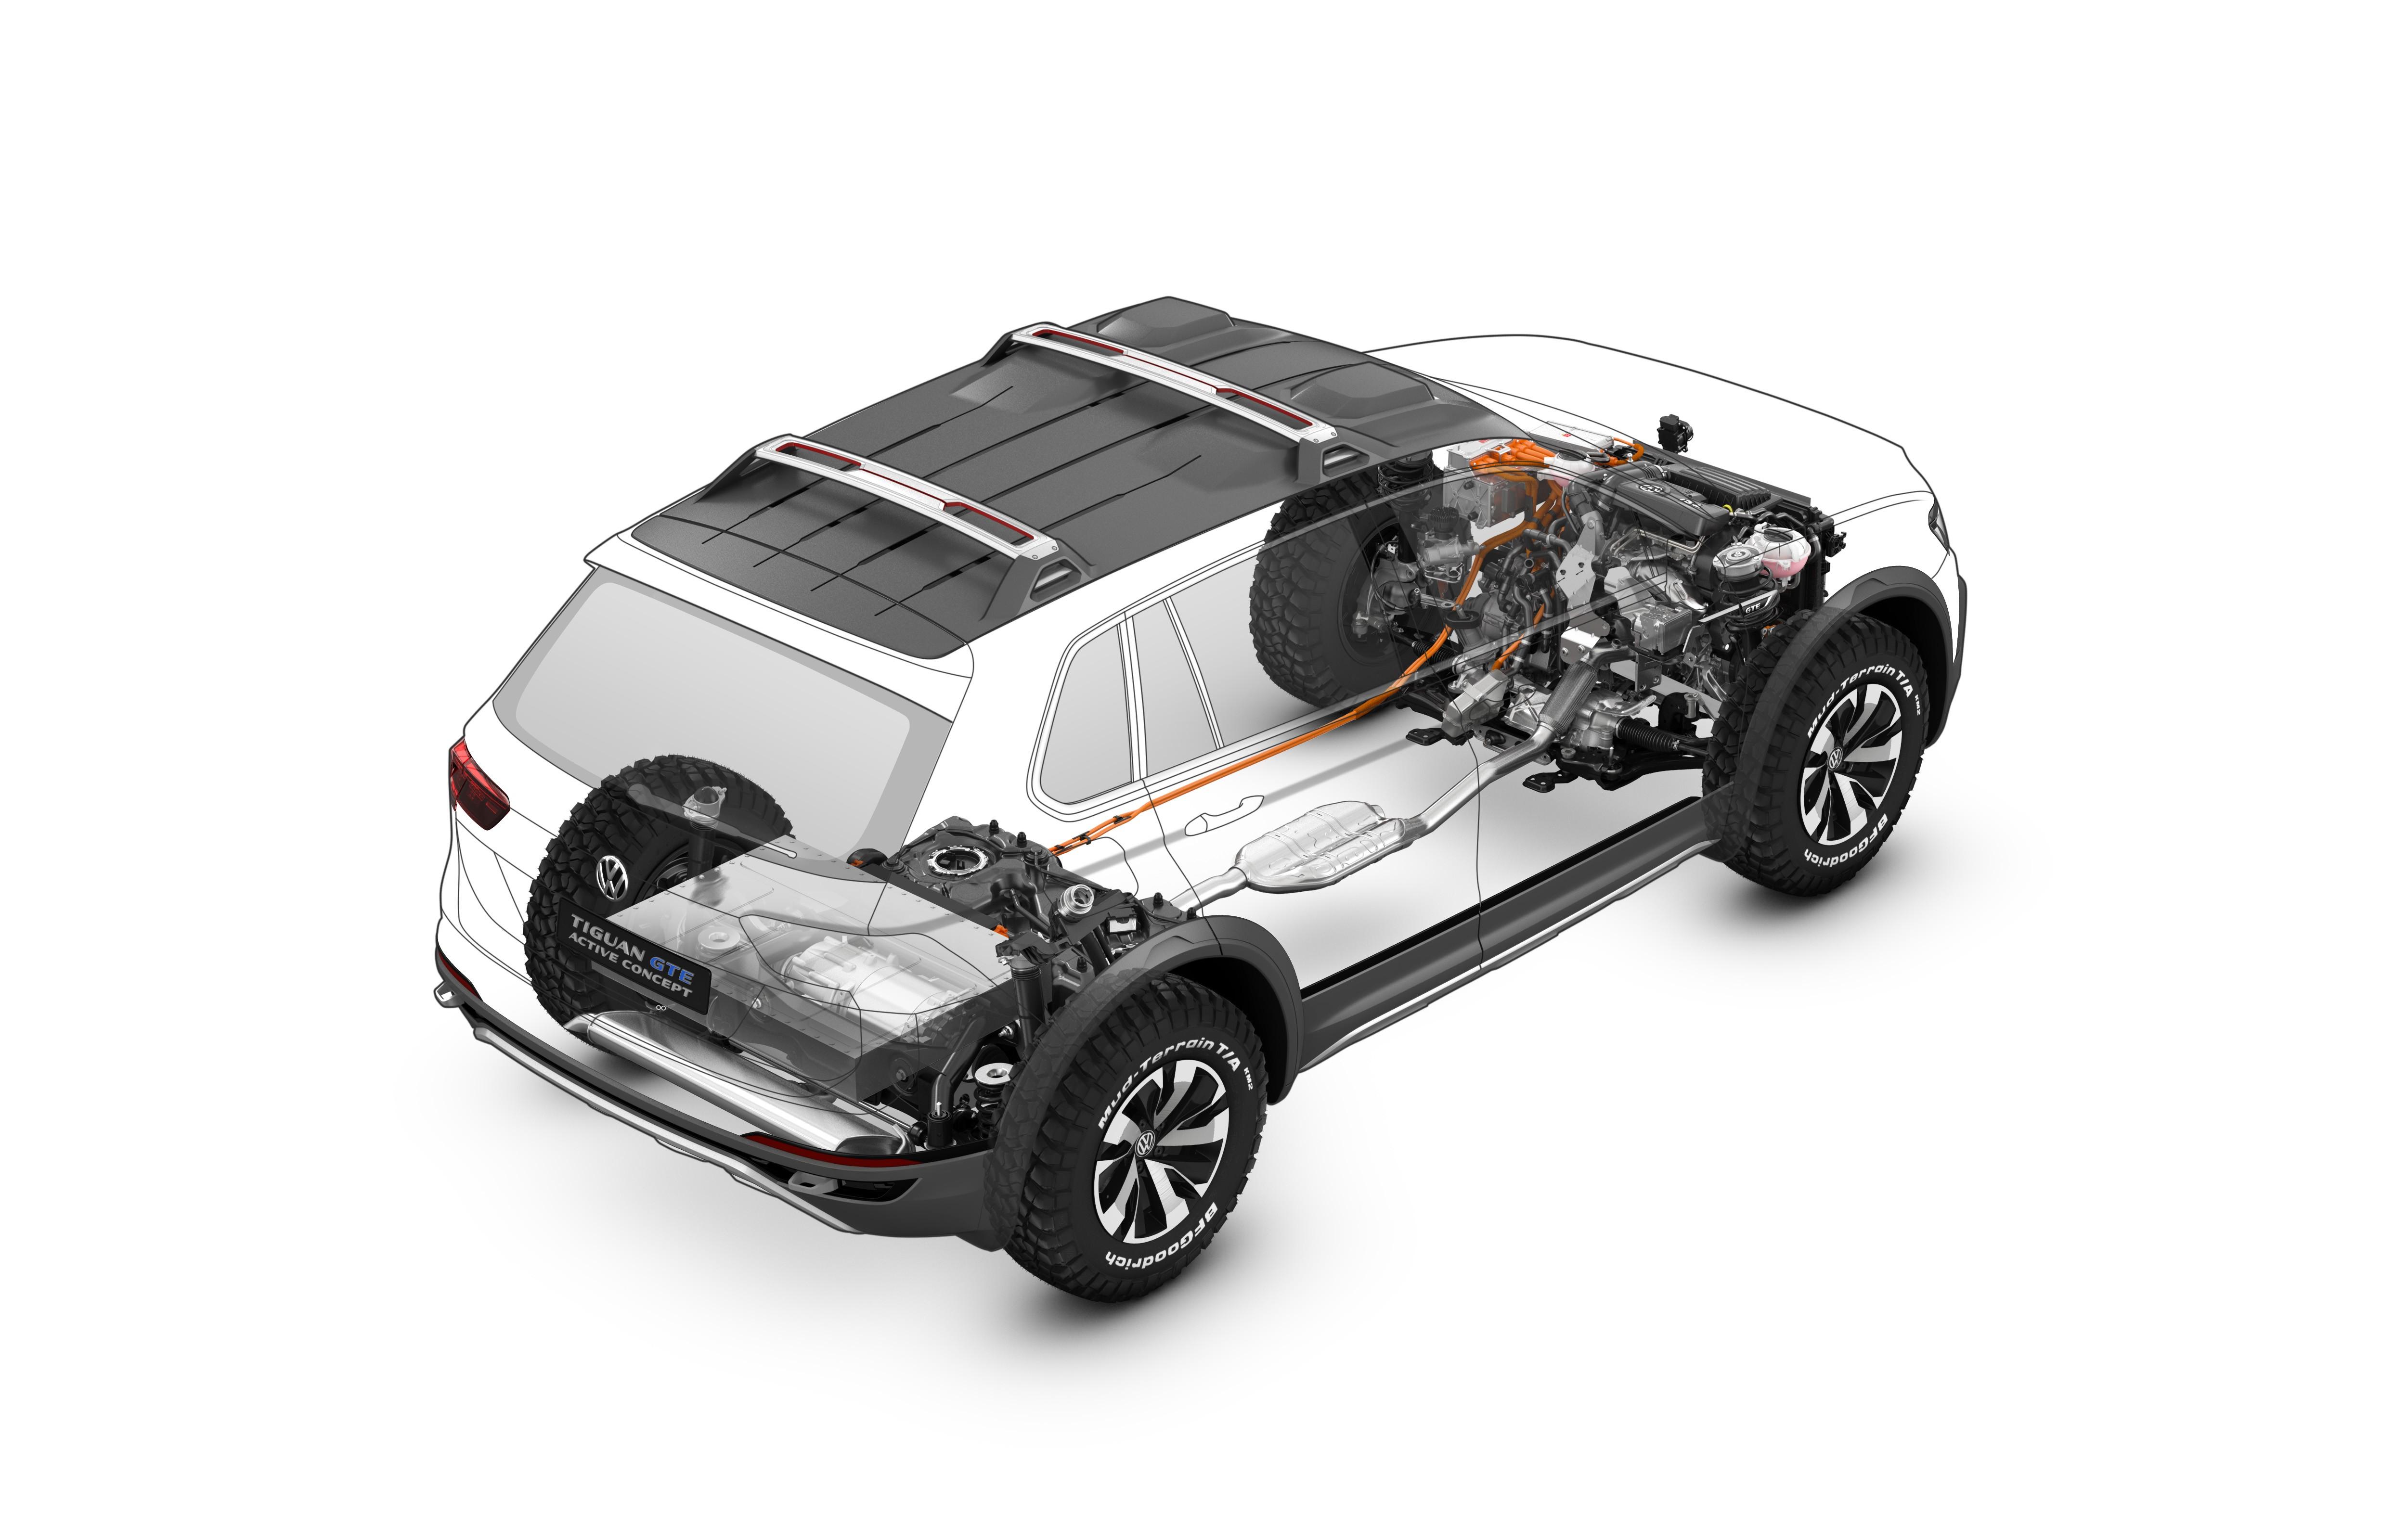 Volkswagen tiguan gte active concept volkswagen tiguan gte active concept